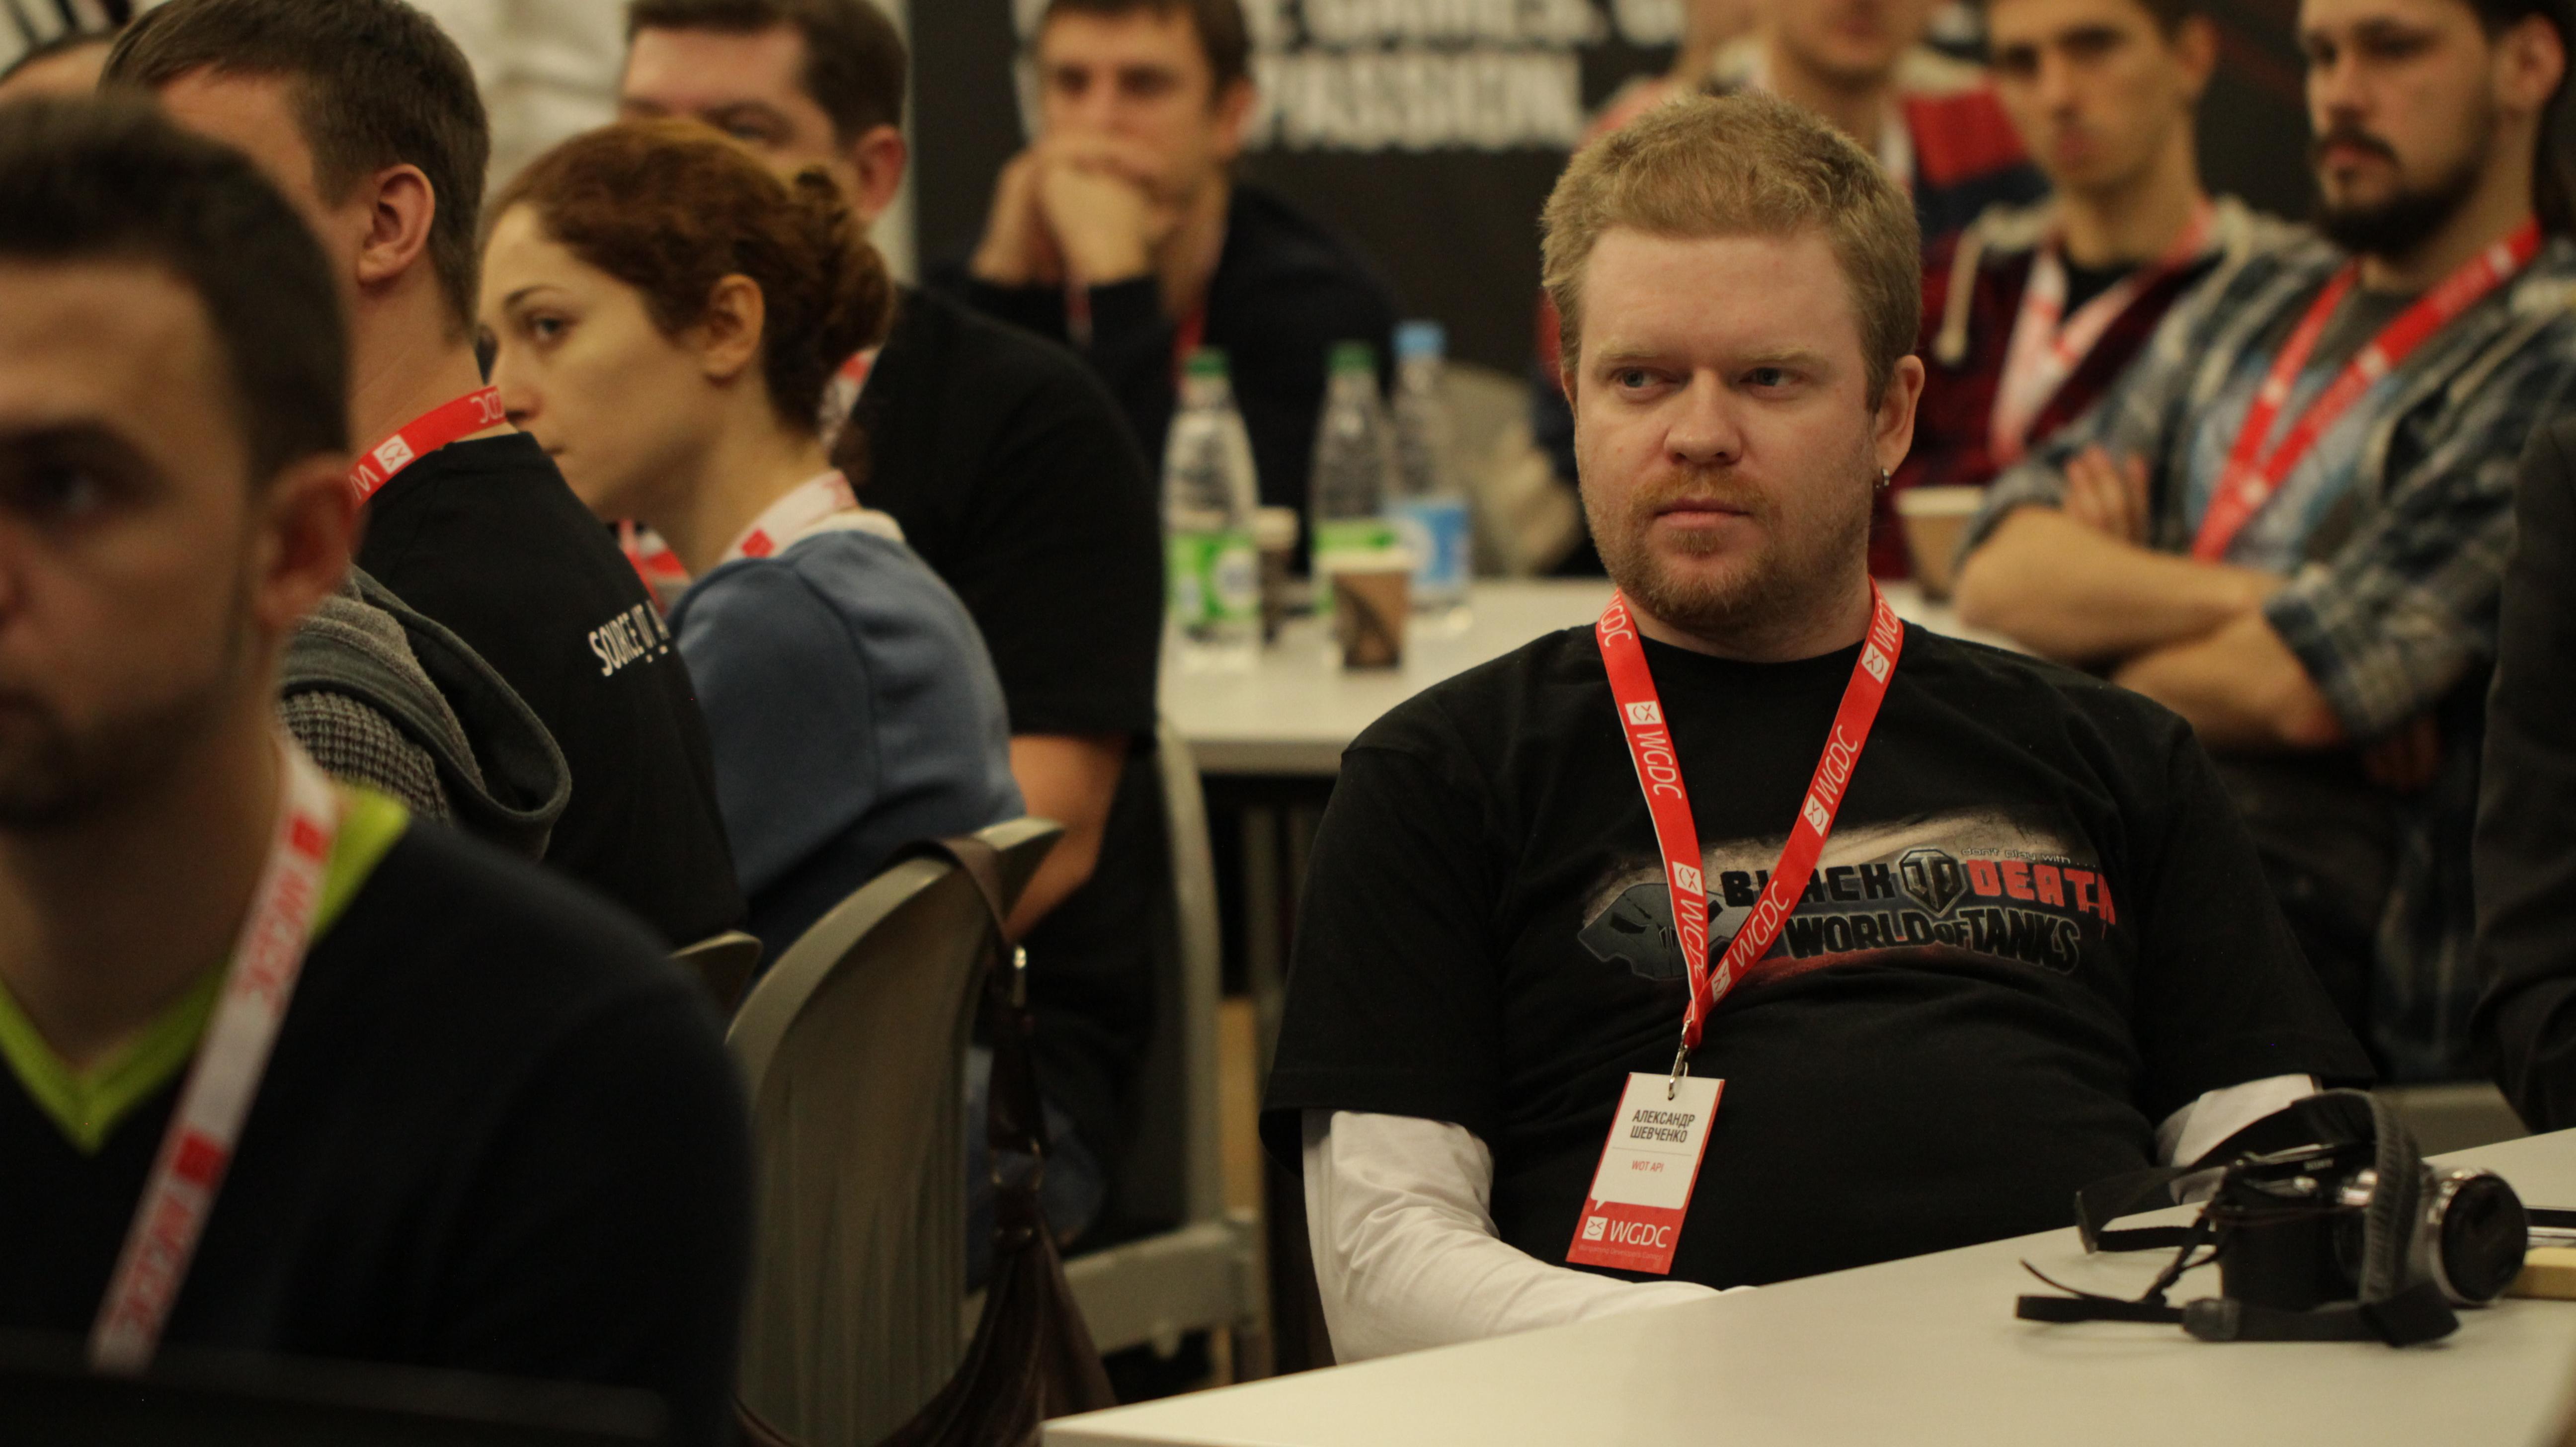 WGN_Photos_WGDC_Conference_Image_09